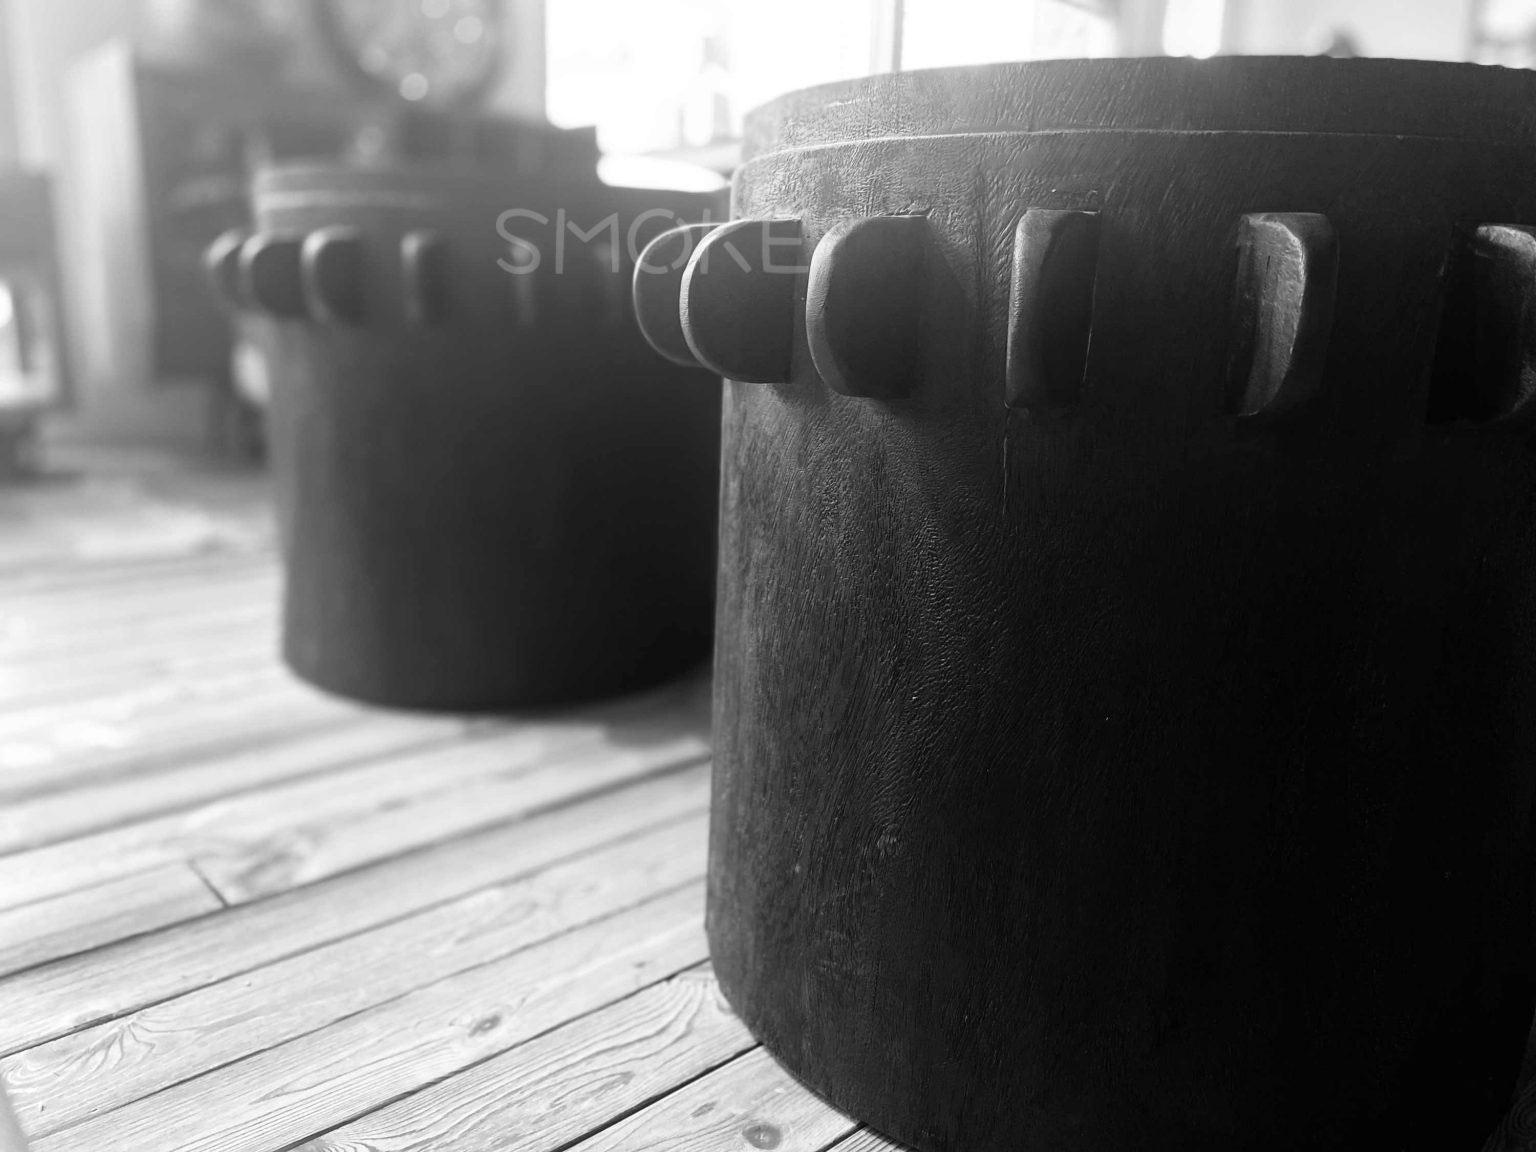 Reemba stool smoke with watermark